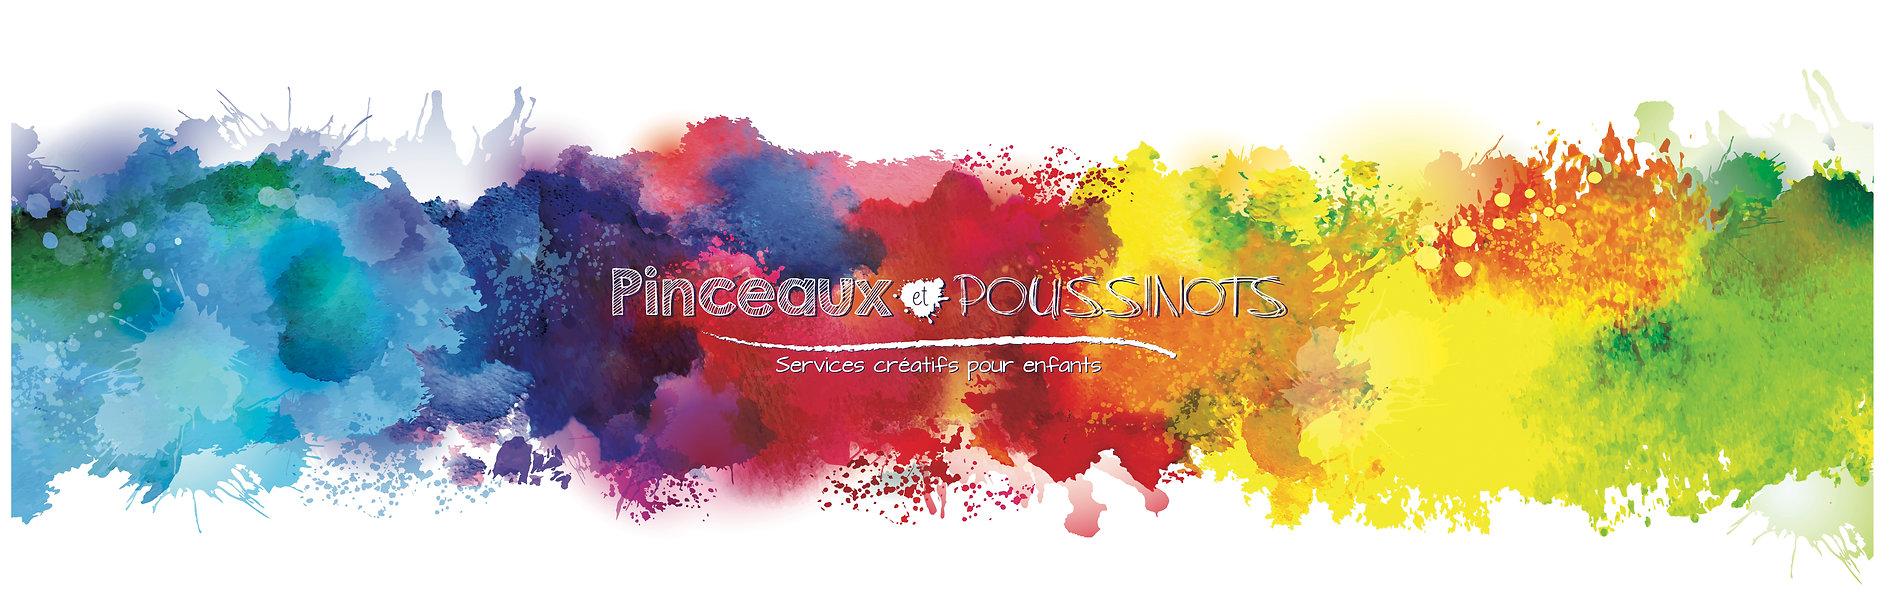 Pinceaux et Poussinots logo